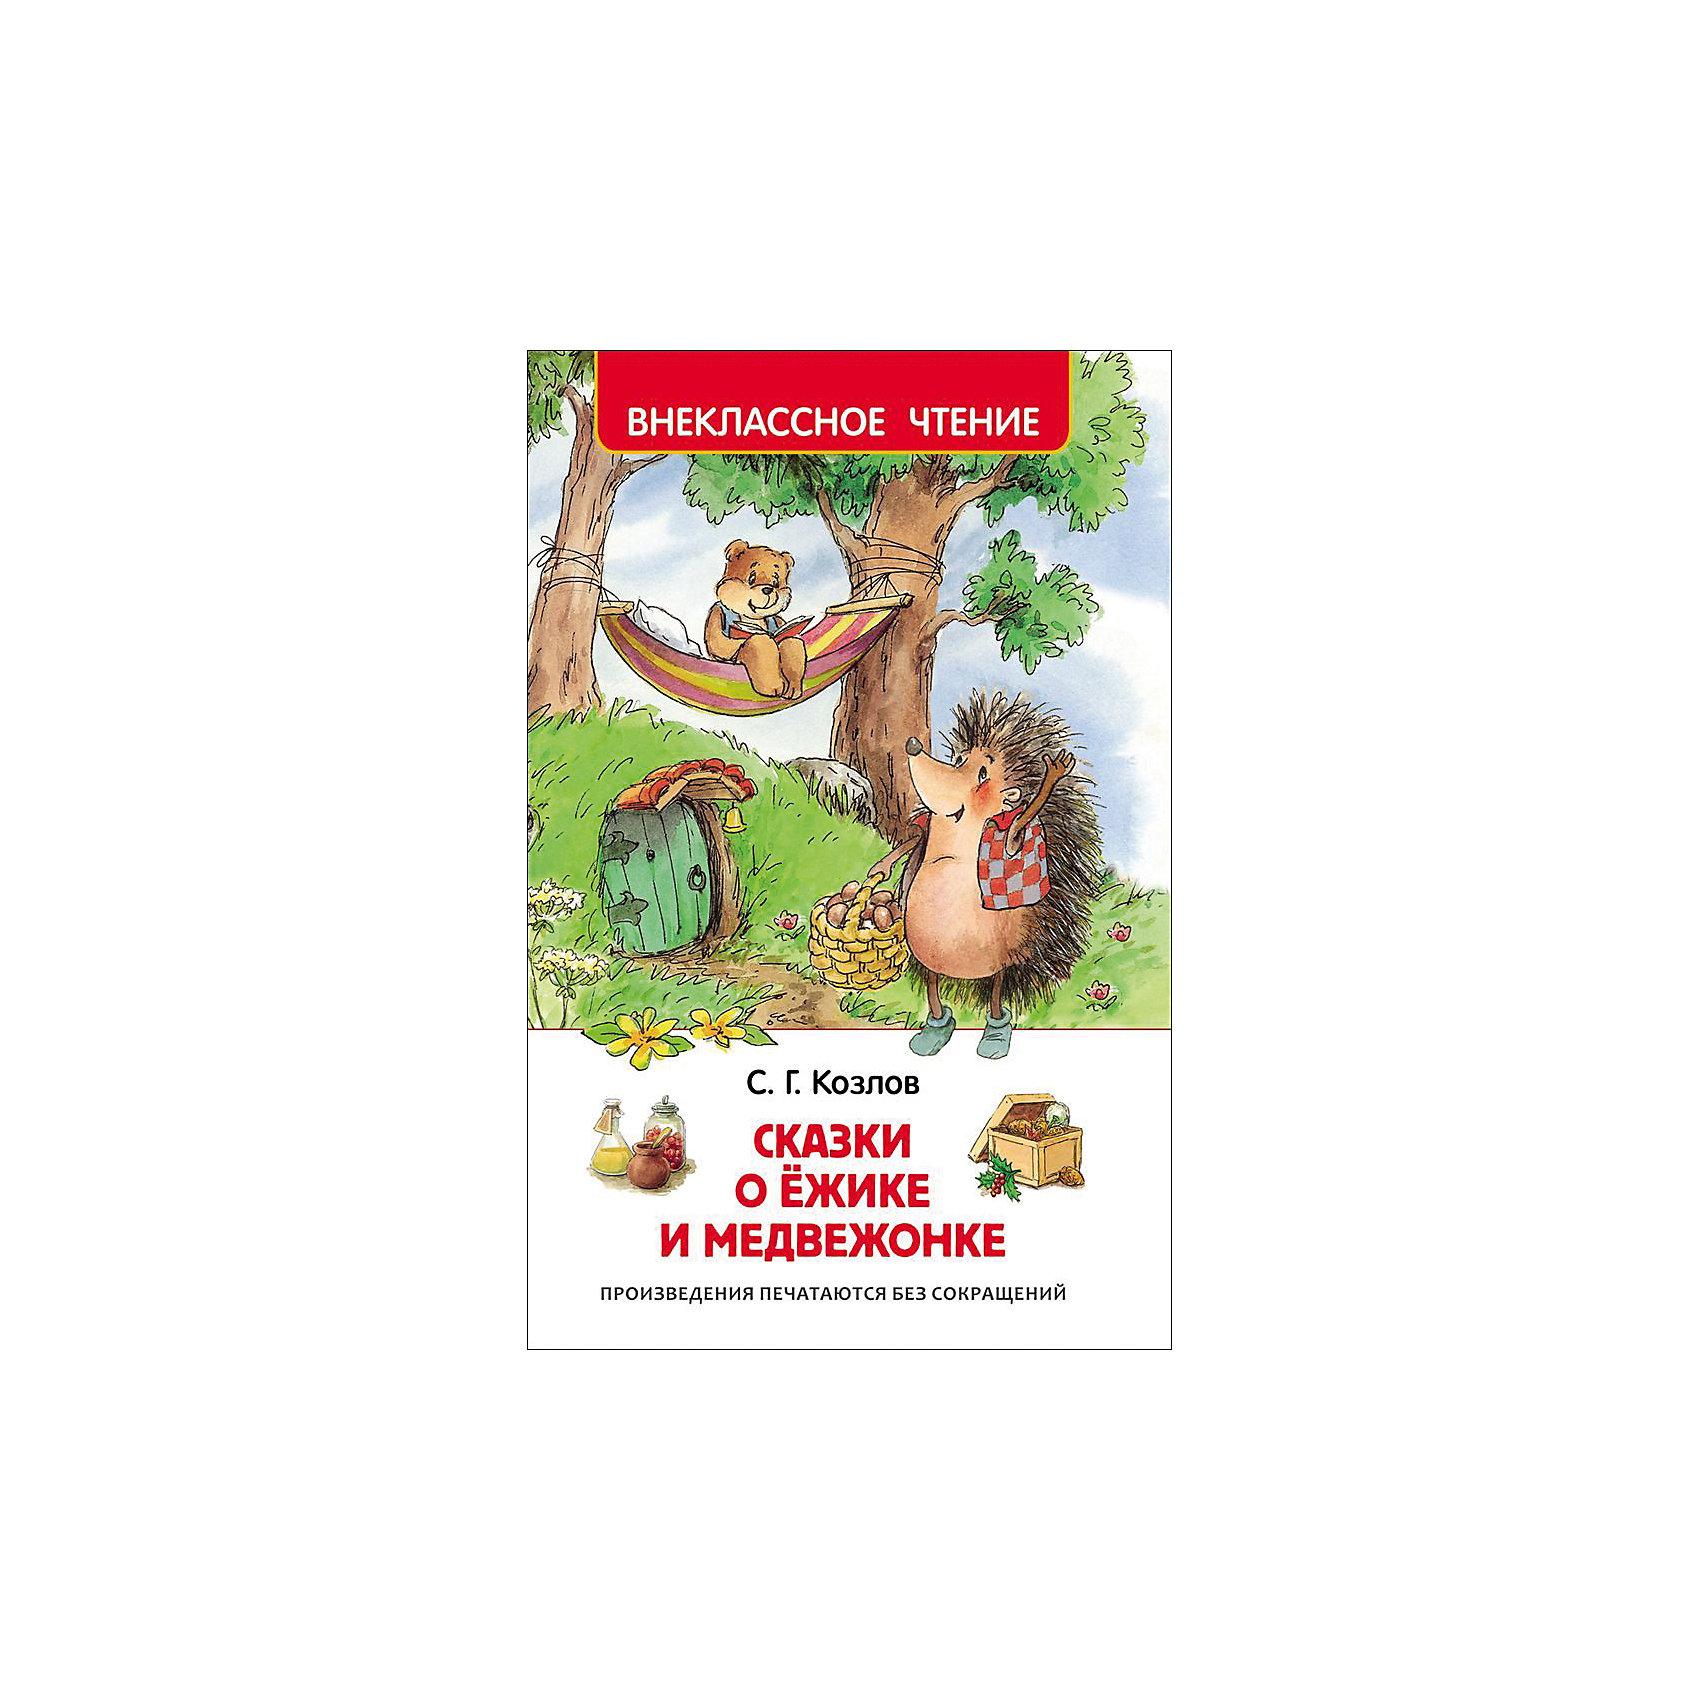 Росмэн Сказки о ёжике и медвежонке, С. Козлов владимир козлов седьмоенебо маршрут счастья